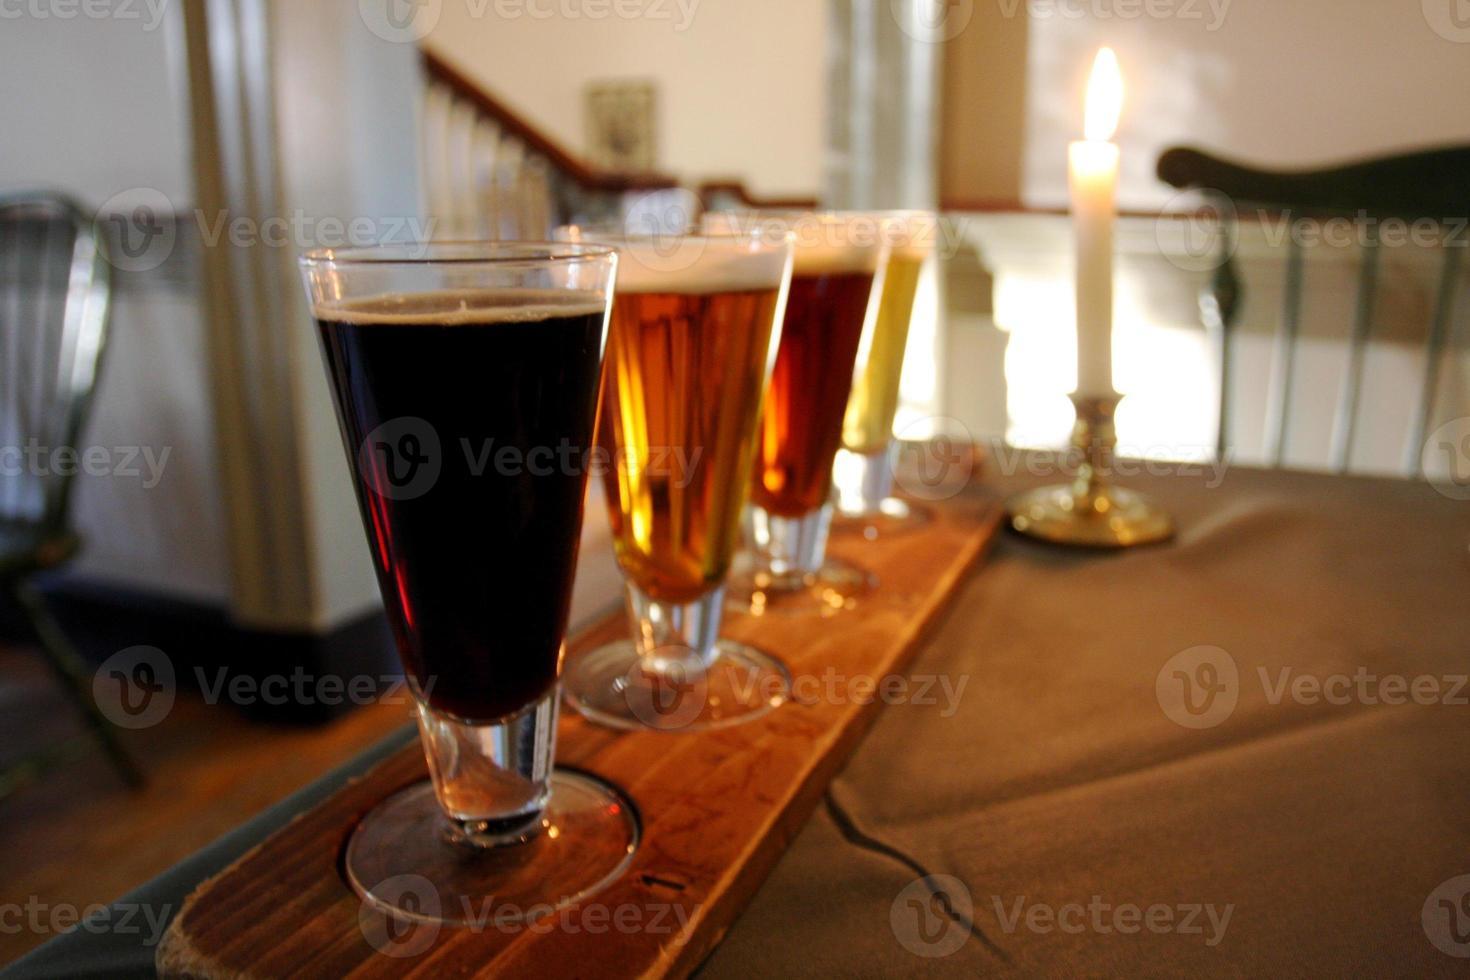 campionatore di birra foto